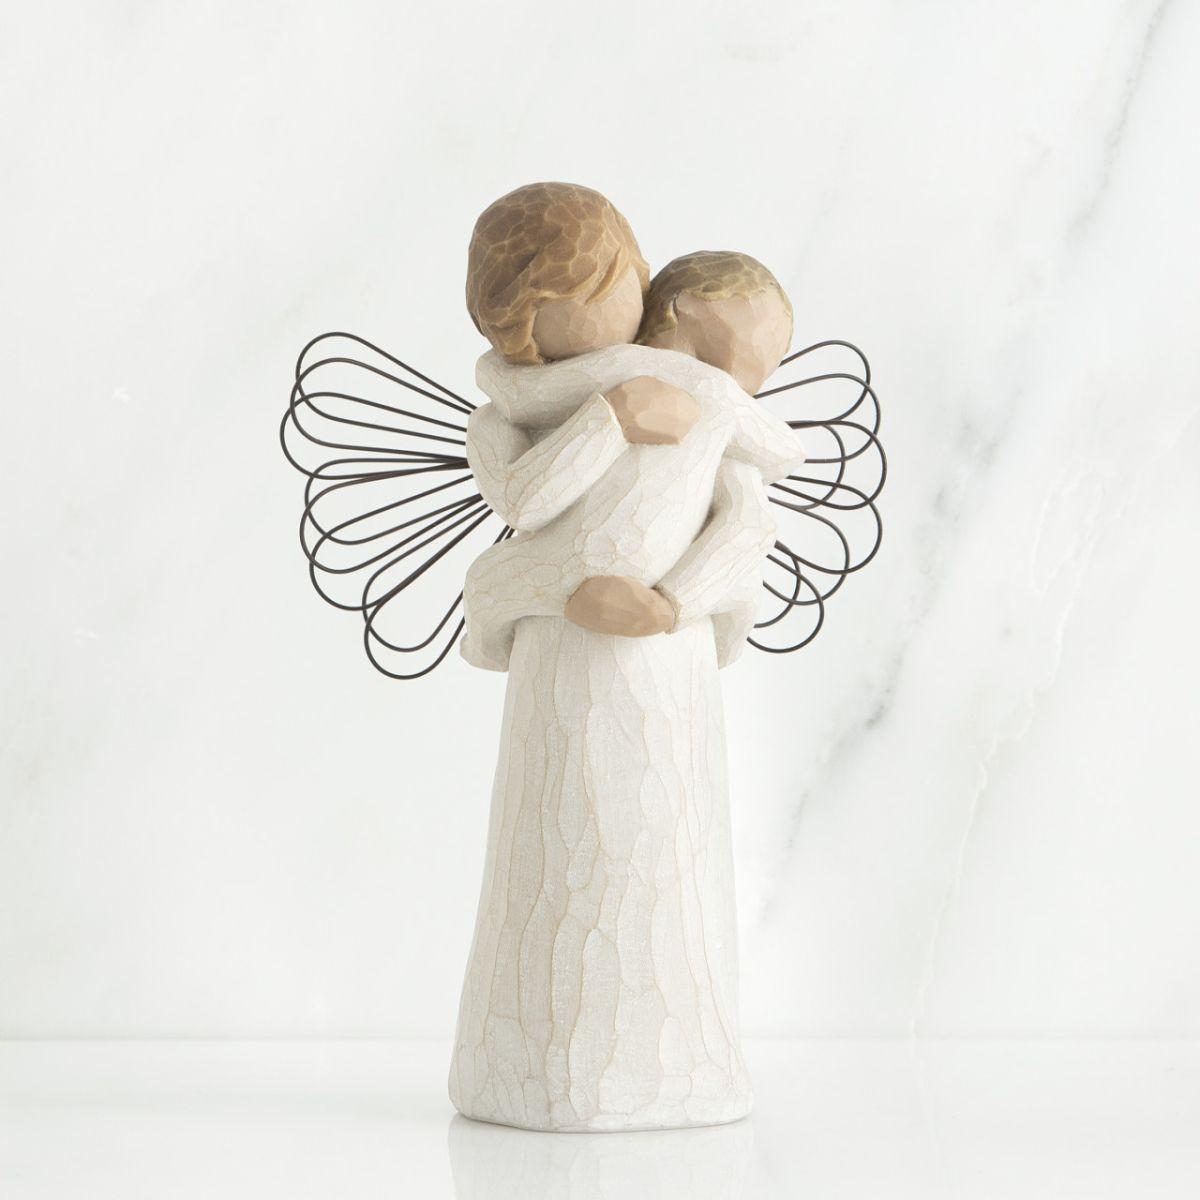 ウィローツリー天使像 【Angel's Embrace】 - 天使の祝福